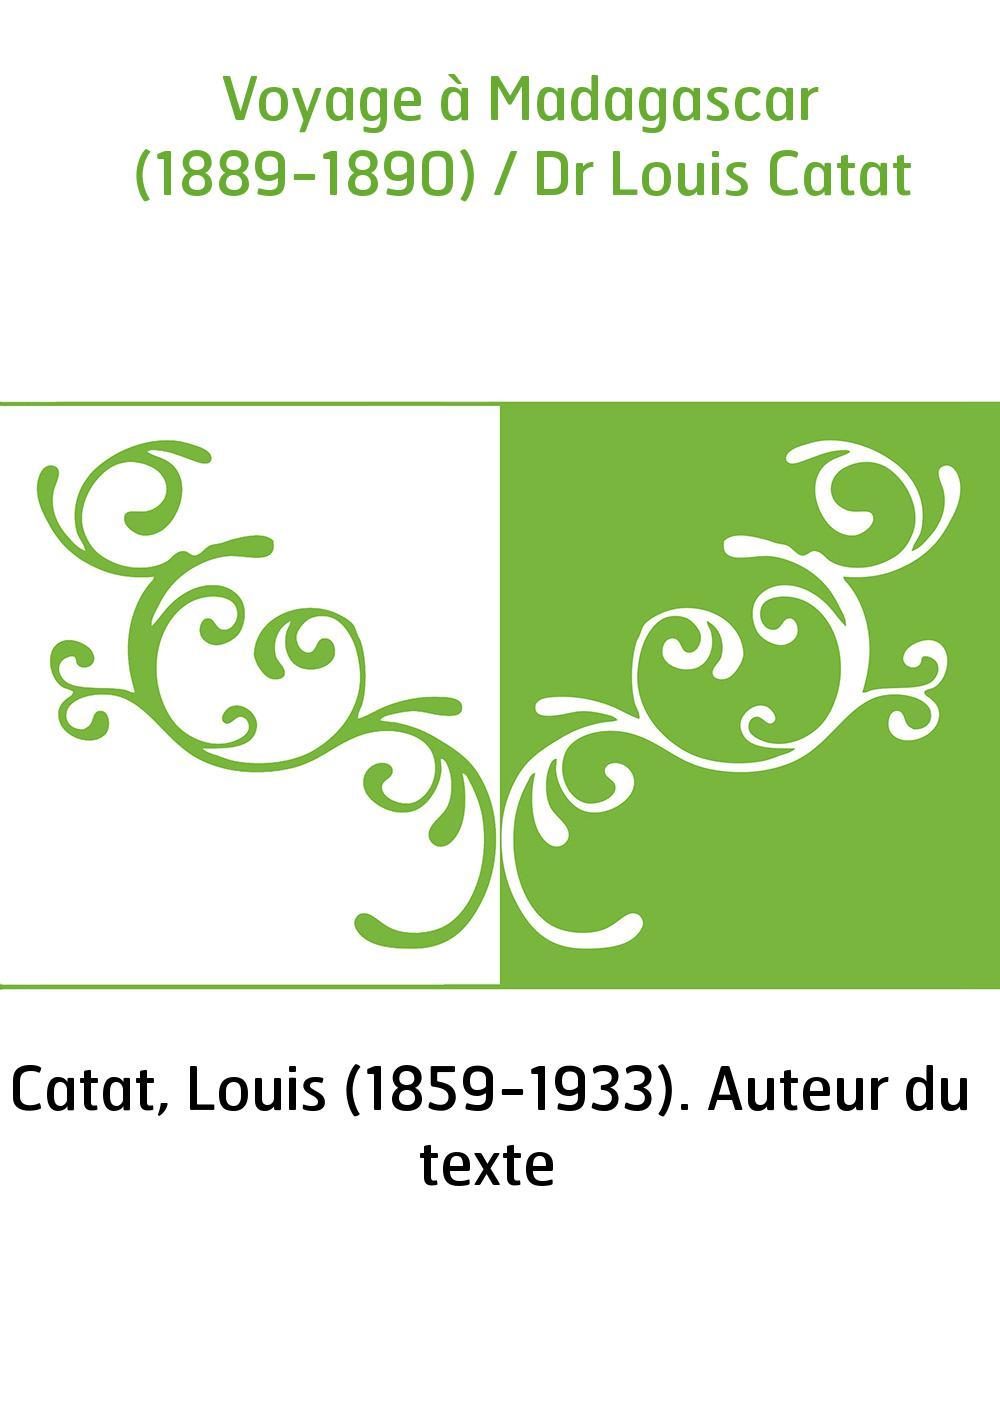 Voyage à Madagascar (1889-1890) / Dr Louis Catat